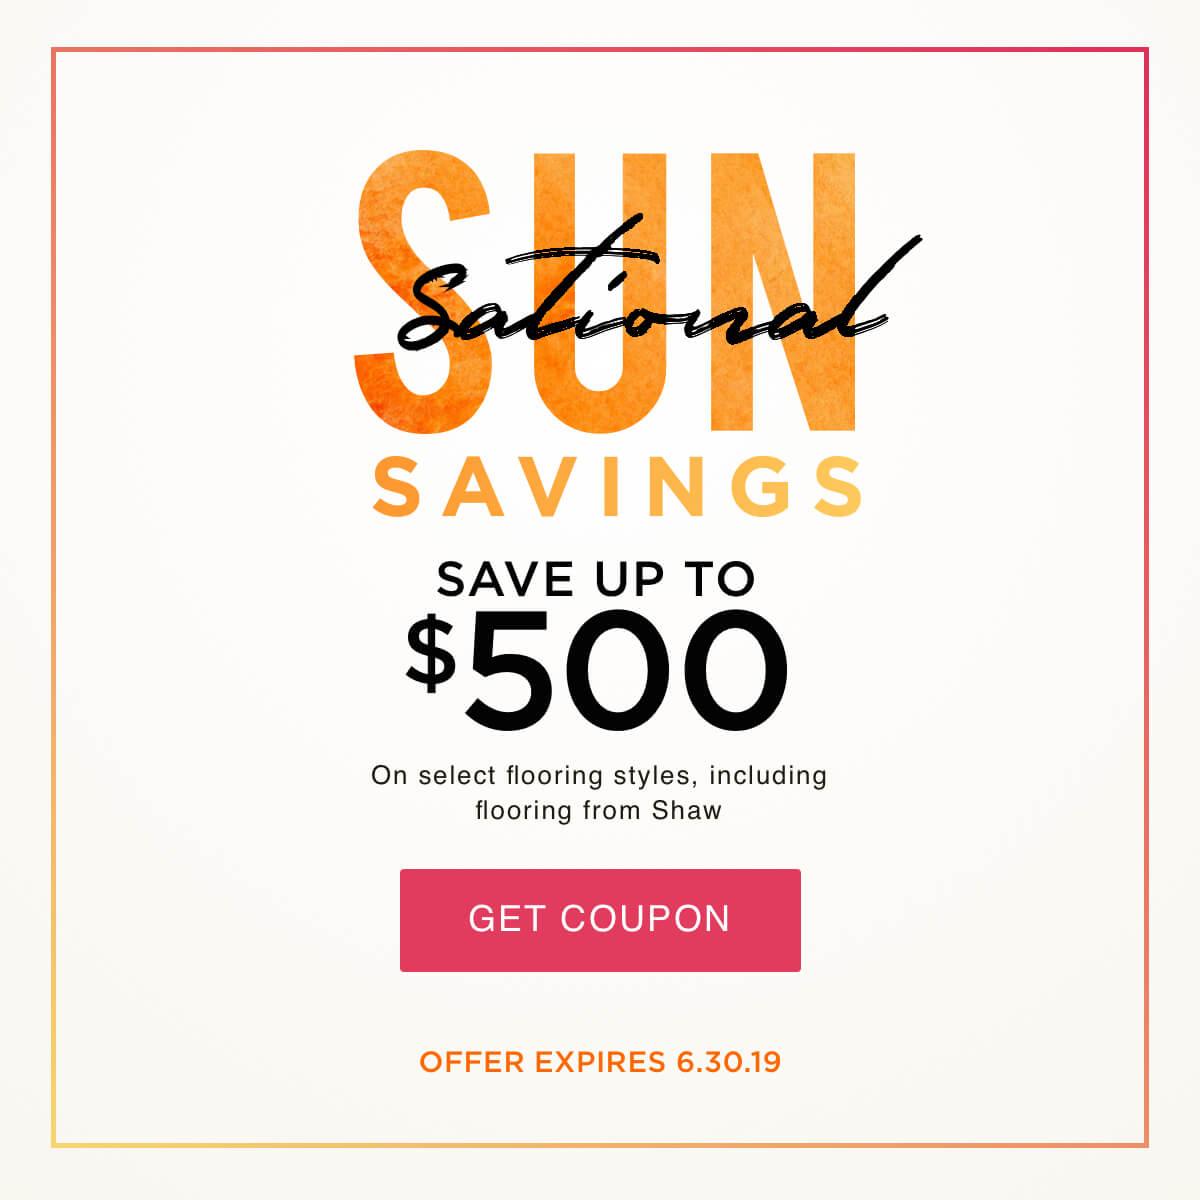 Sun Sational Saving Coupobn